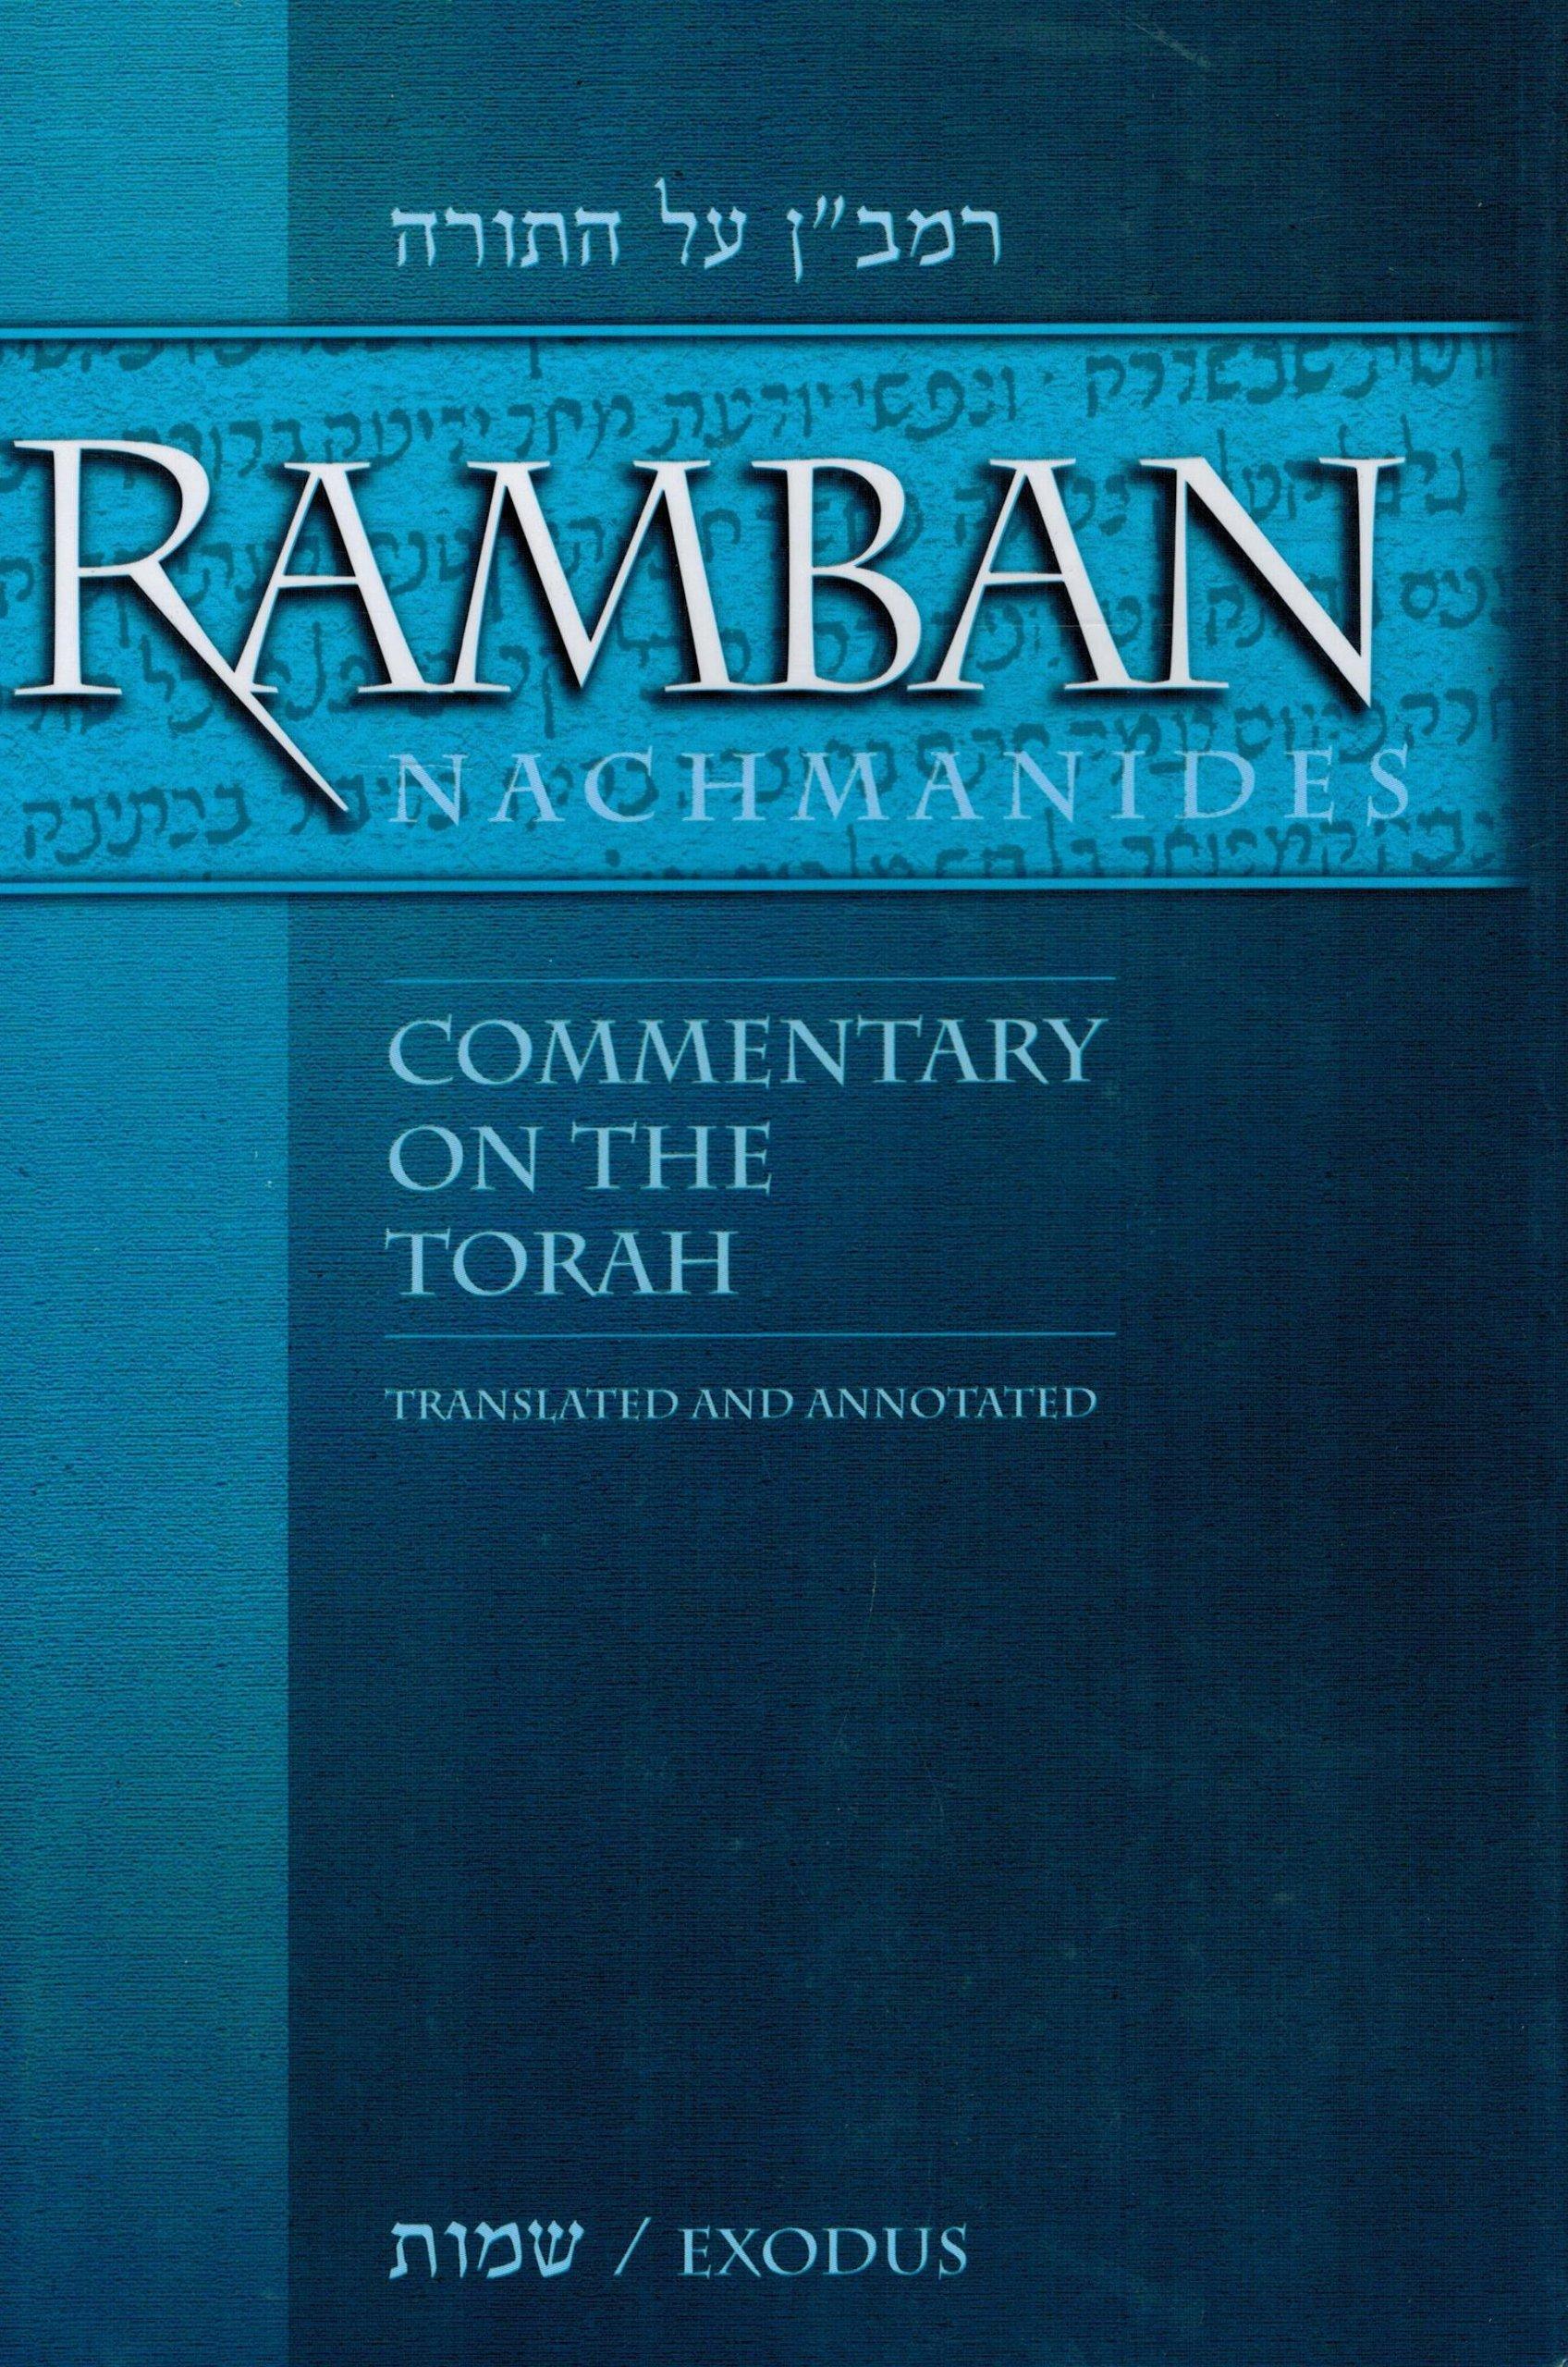 Ramban online